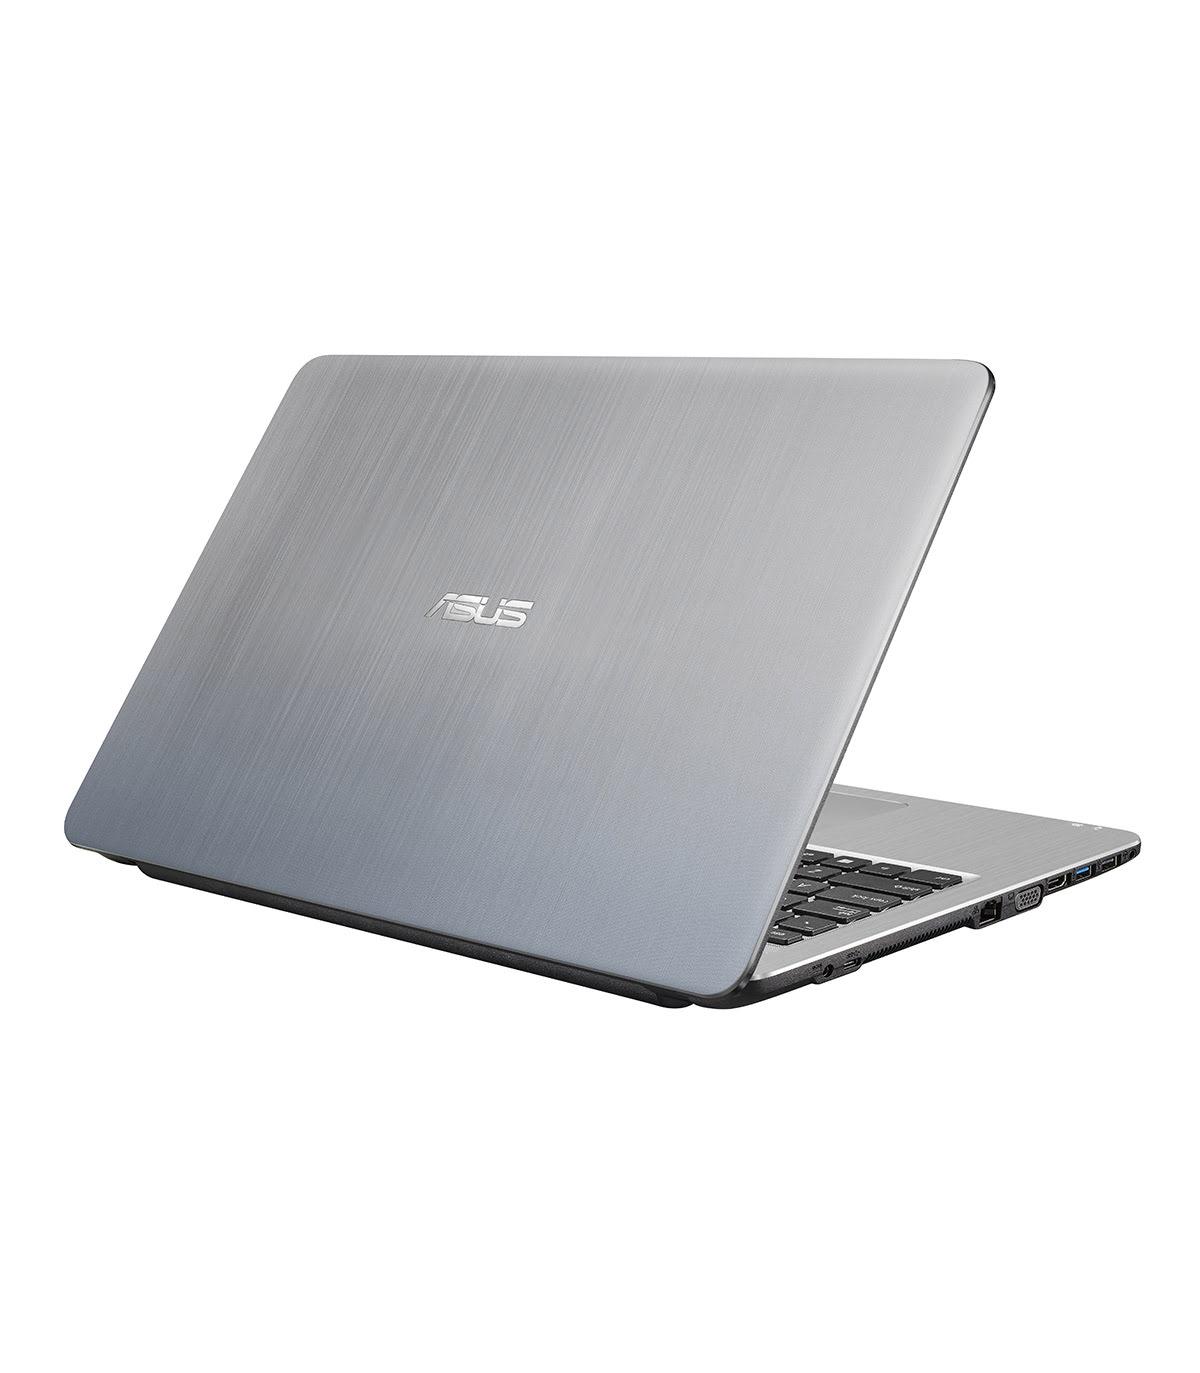 X540LA-XX1303T (90NB0B03-M25310) - Achat / Vente PC portable sur Picata.fr - 3